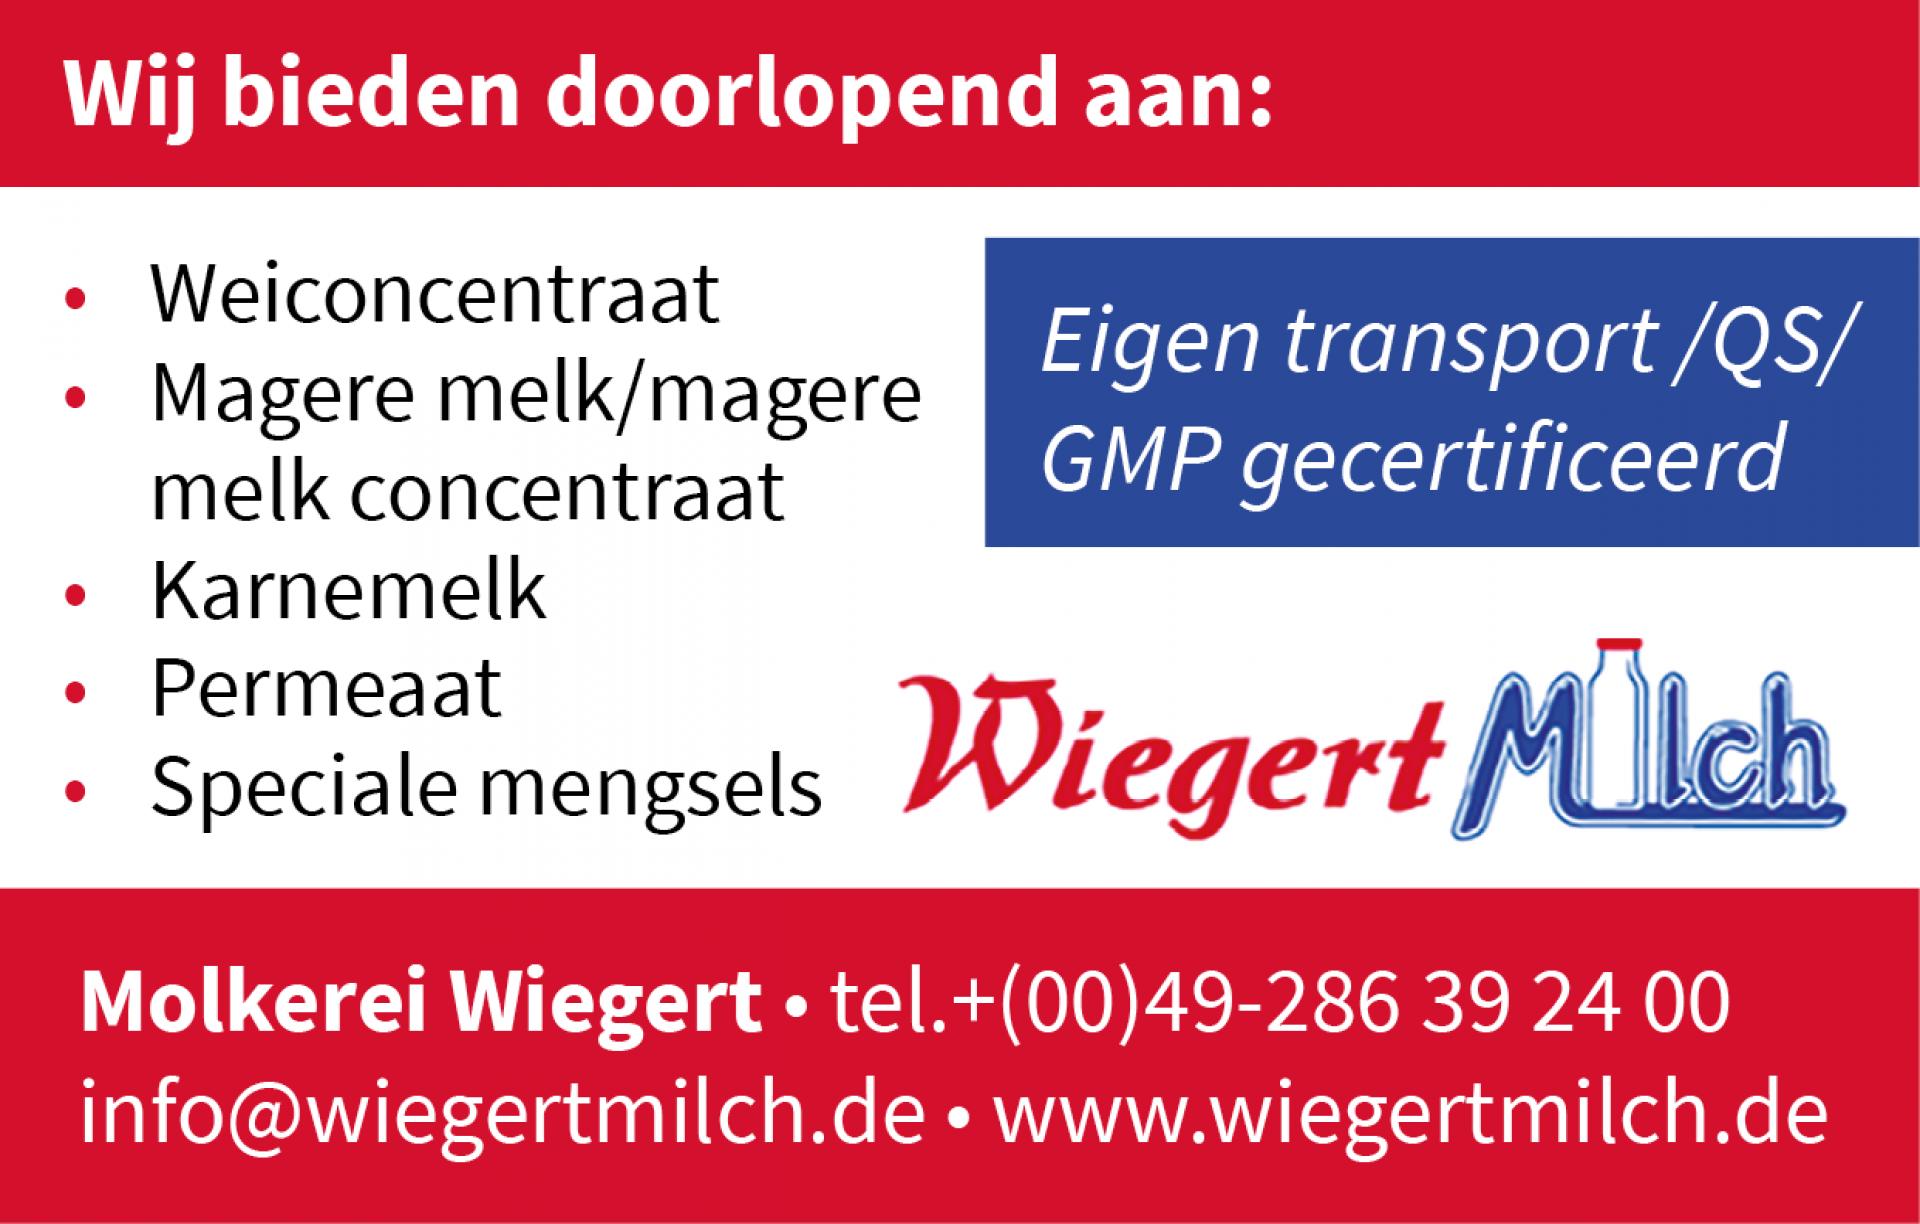 Wiegert2